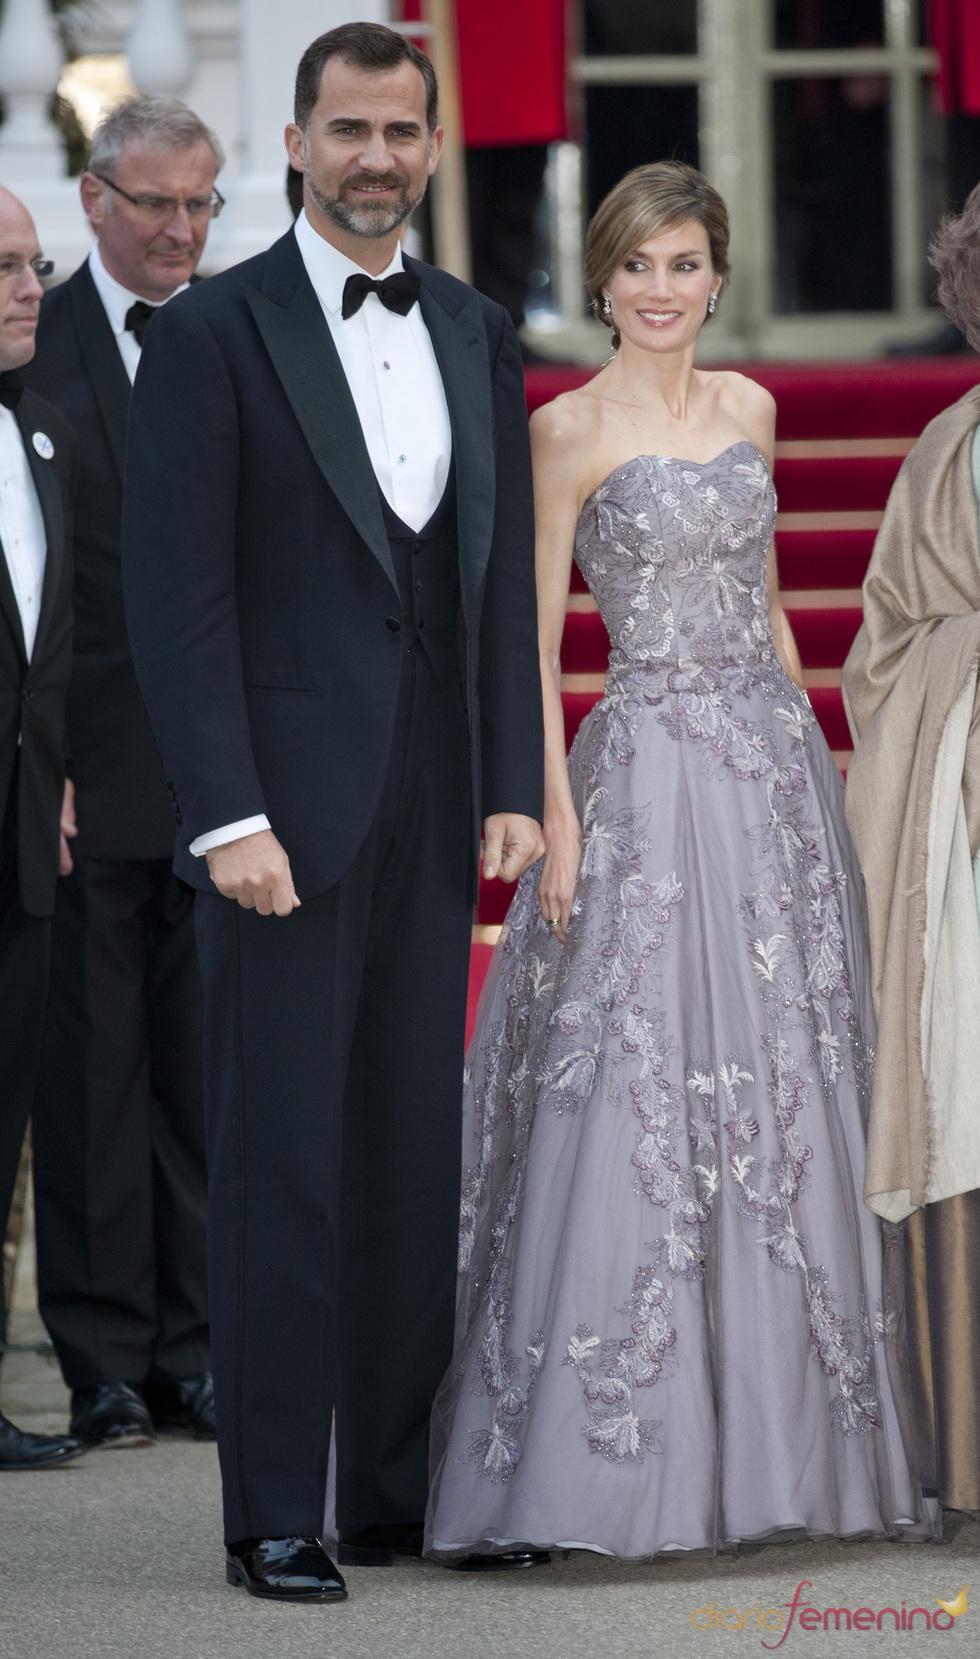 Los Príncipes Felipe y Letizia en la cena pre-boda real de Inglaterra